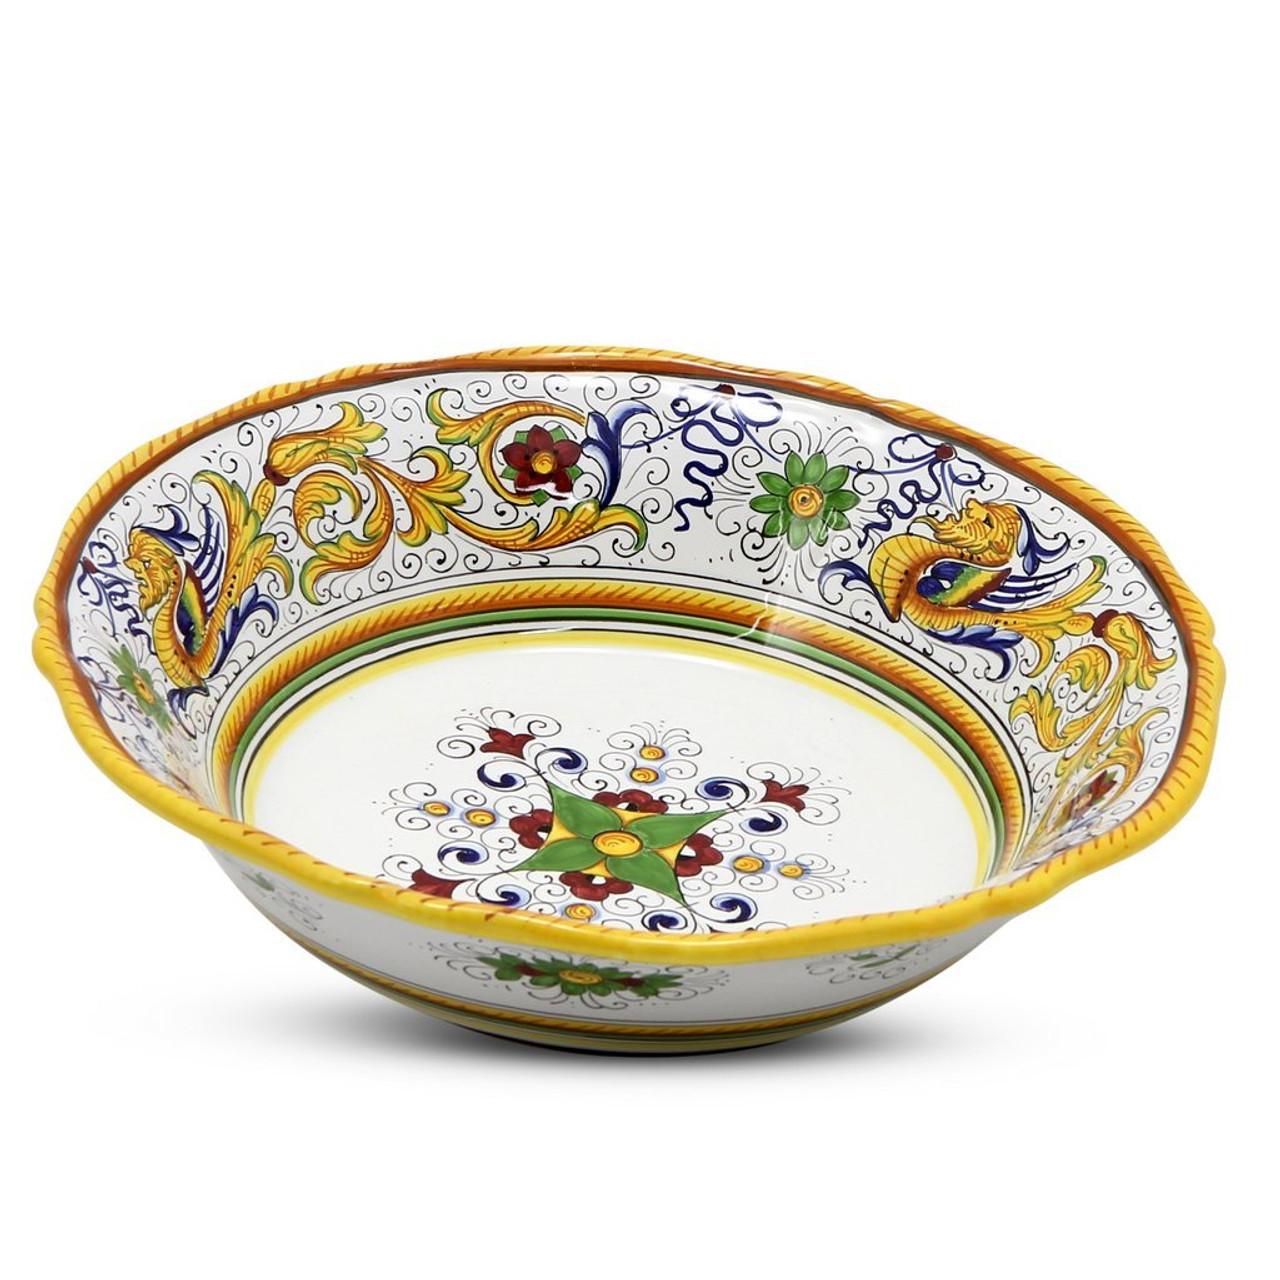 Raffaellesco Large Pasta Salad Serving Bowl Italian Ceramics